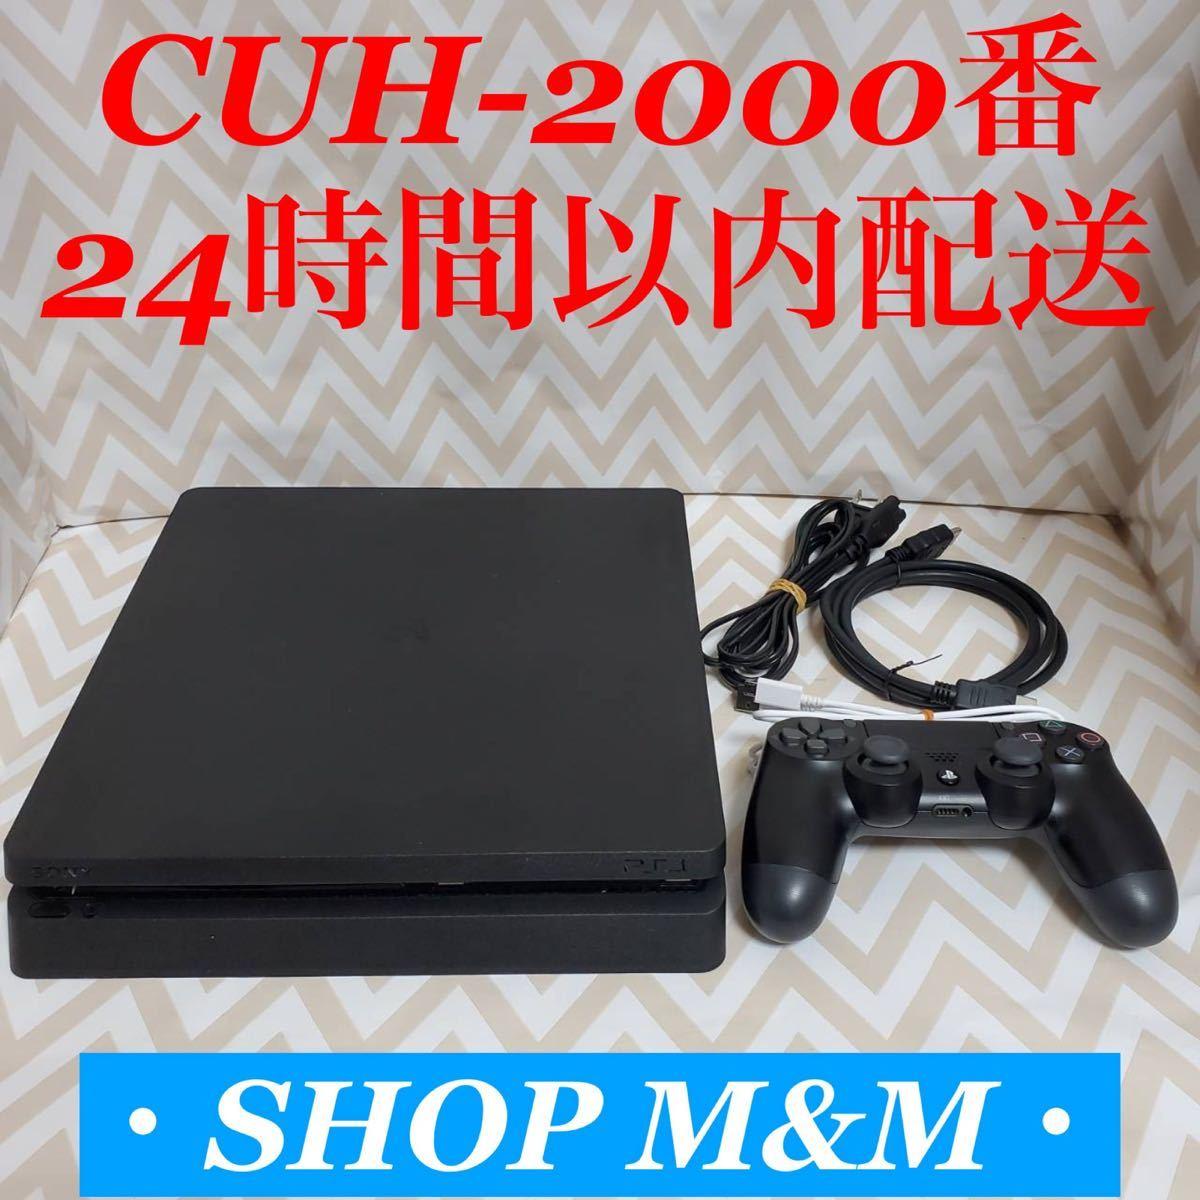 【24時間以内配送】ps4 本体  2000 PlayStation4